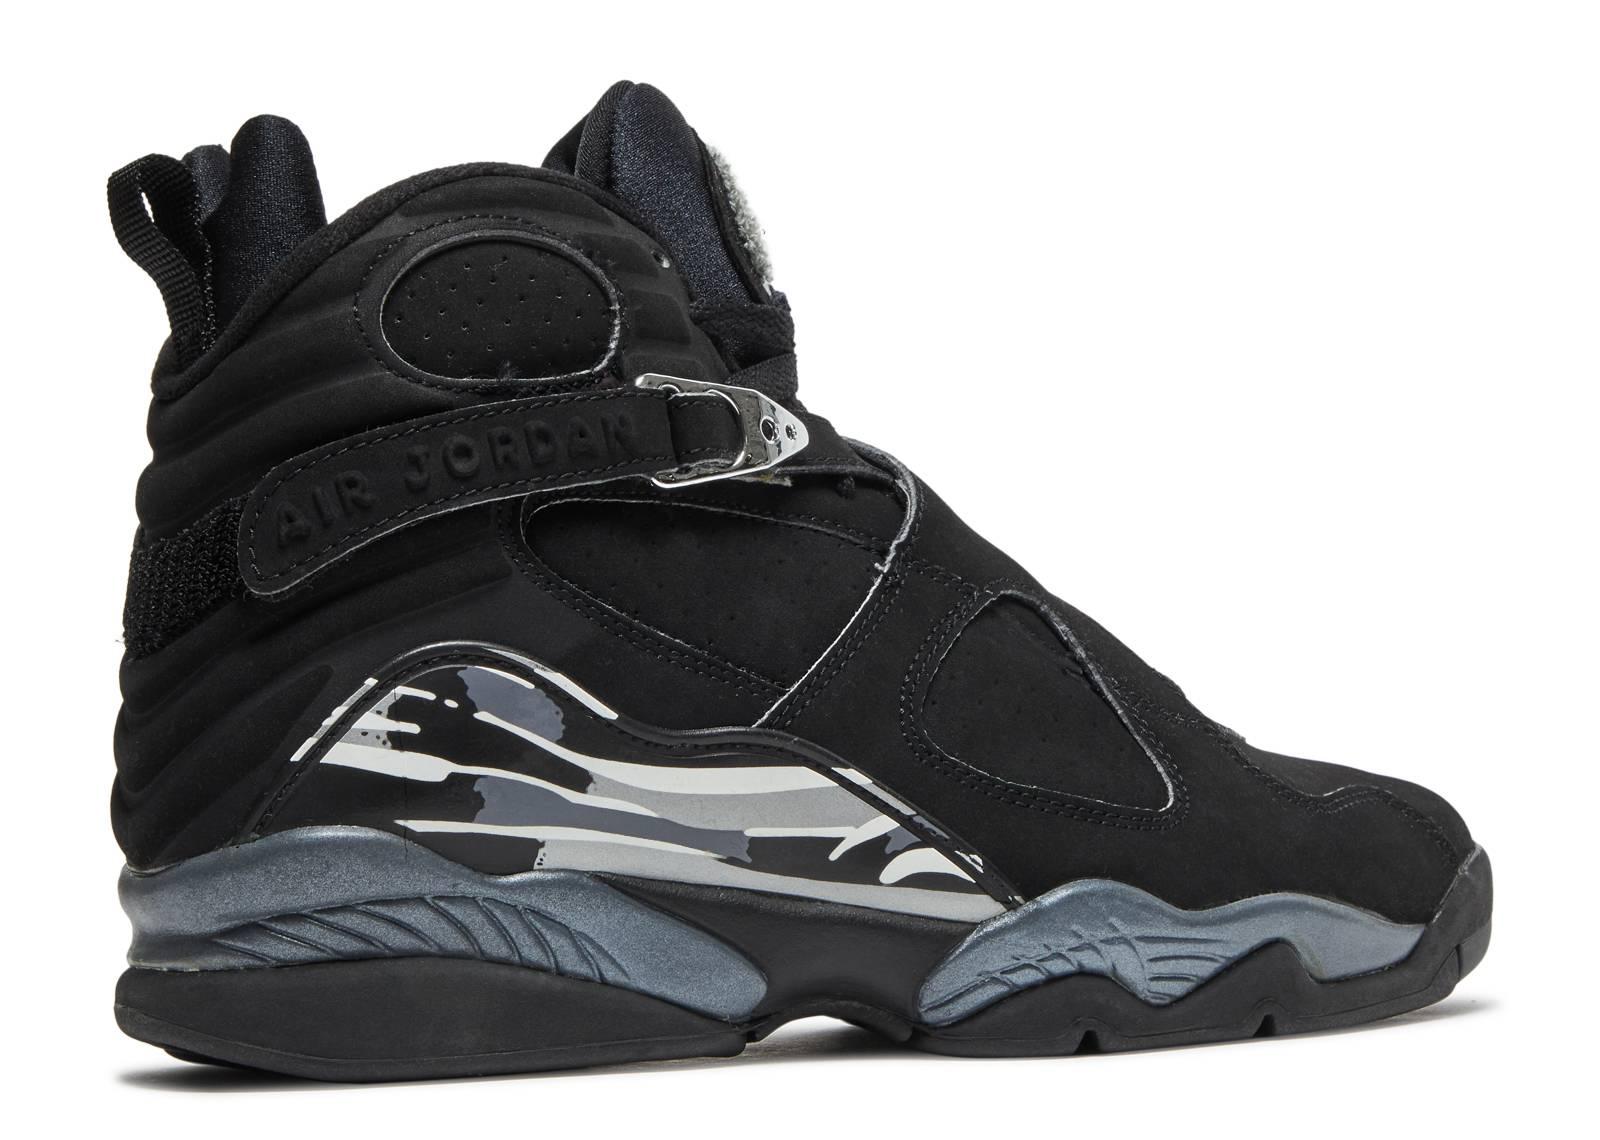 sports shoes 09aee 39d4e Air Jordan 8 Retro